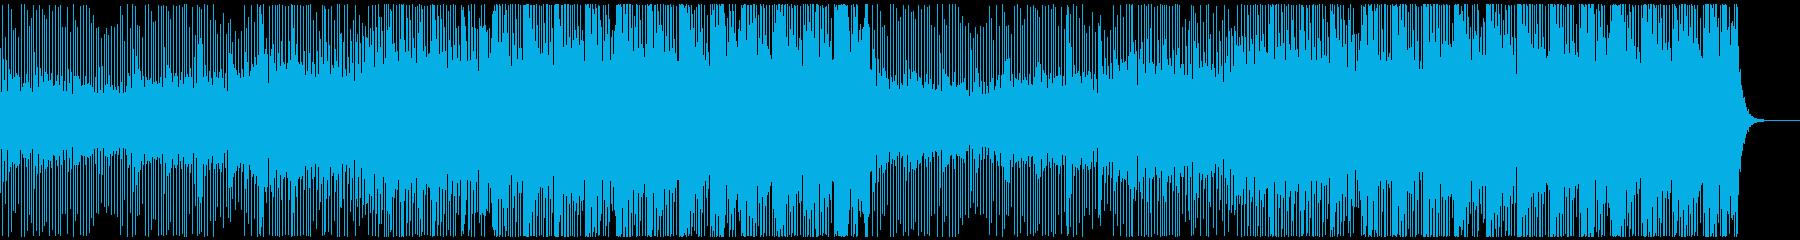 クール・スタイリッシュ・EDM・6の再生済みの波形